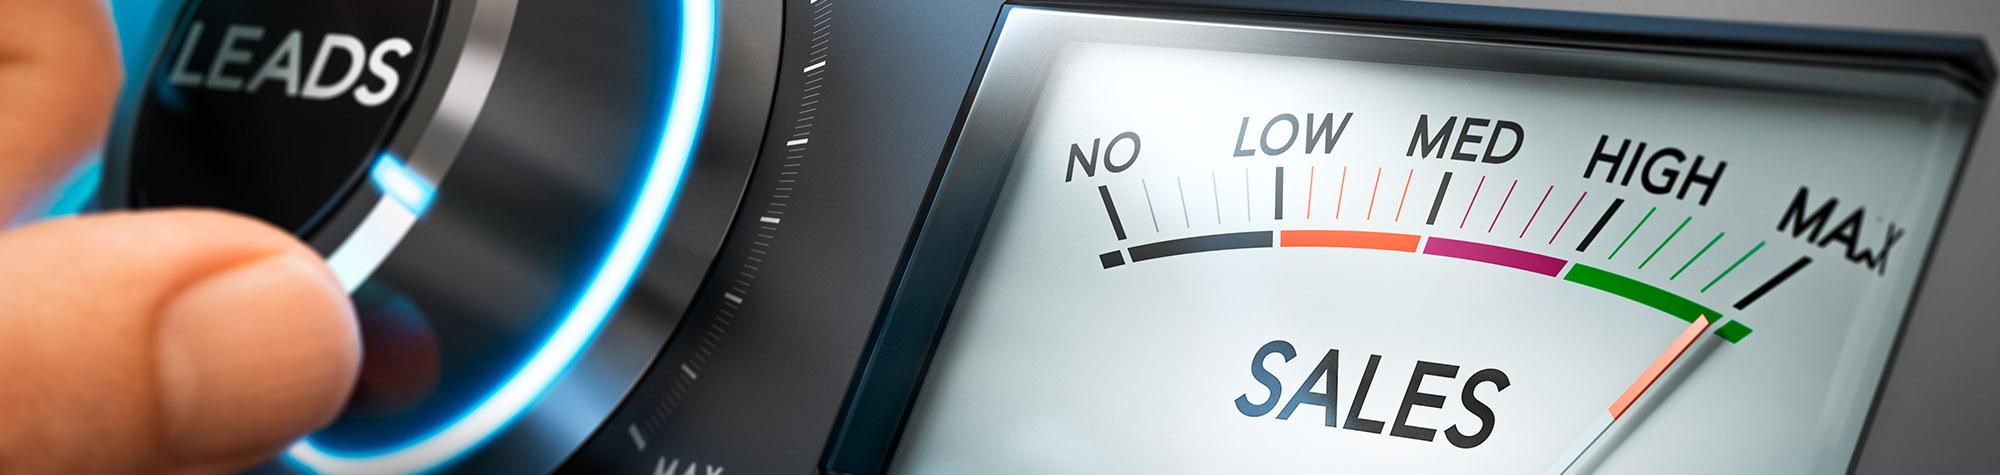 """Marketing de rebajas: 5 puntos en los que no debes buscar """"chollos"""" si quieres conseguir buenos resultados"""